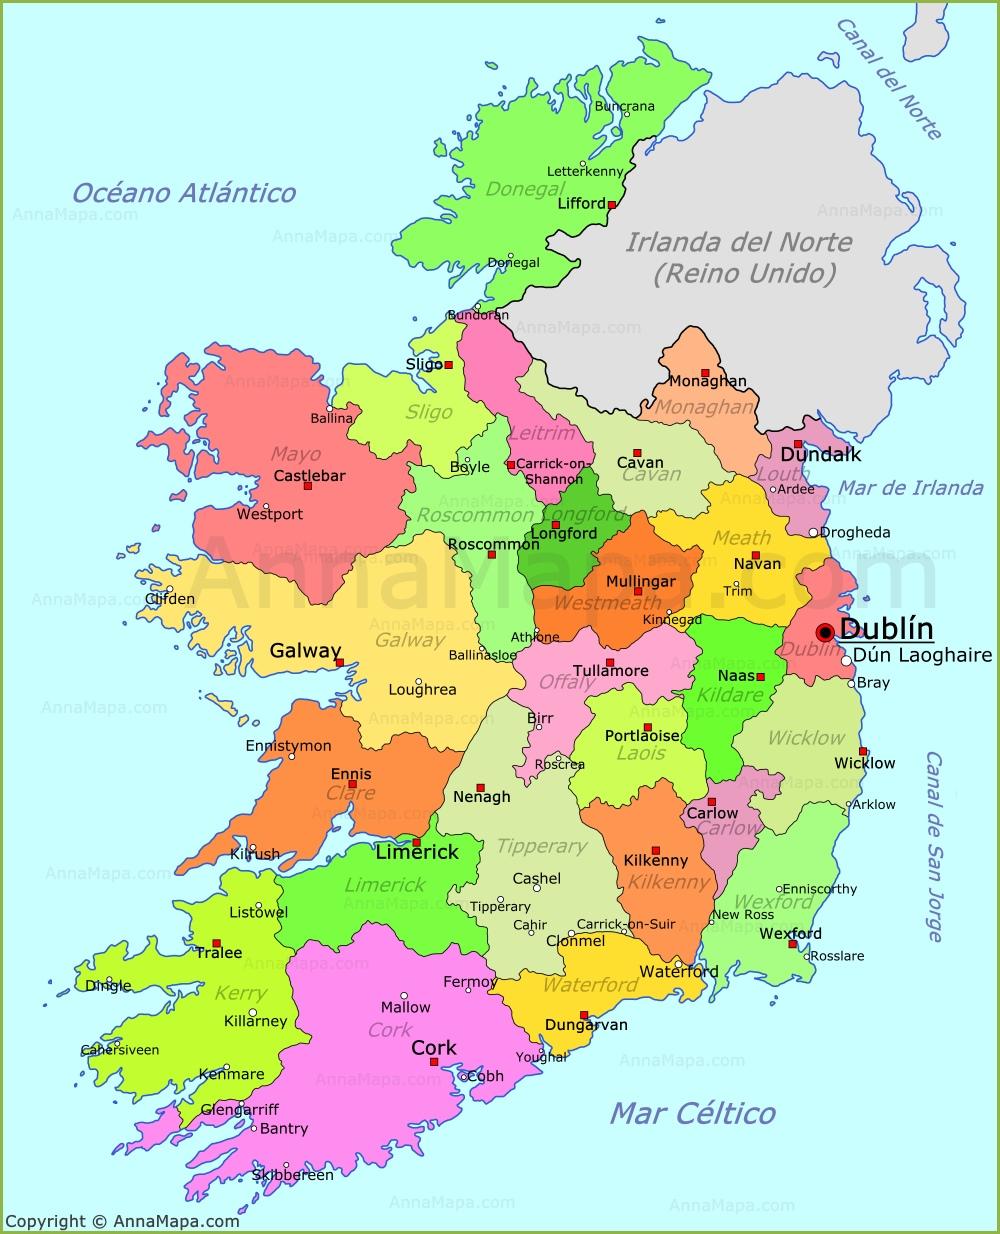 irlanda mapa Mapa de Irlanda   Plano Irlanda   AnnaMapa.com irlanda mapa